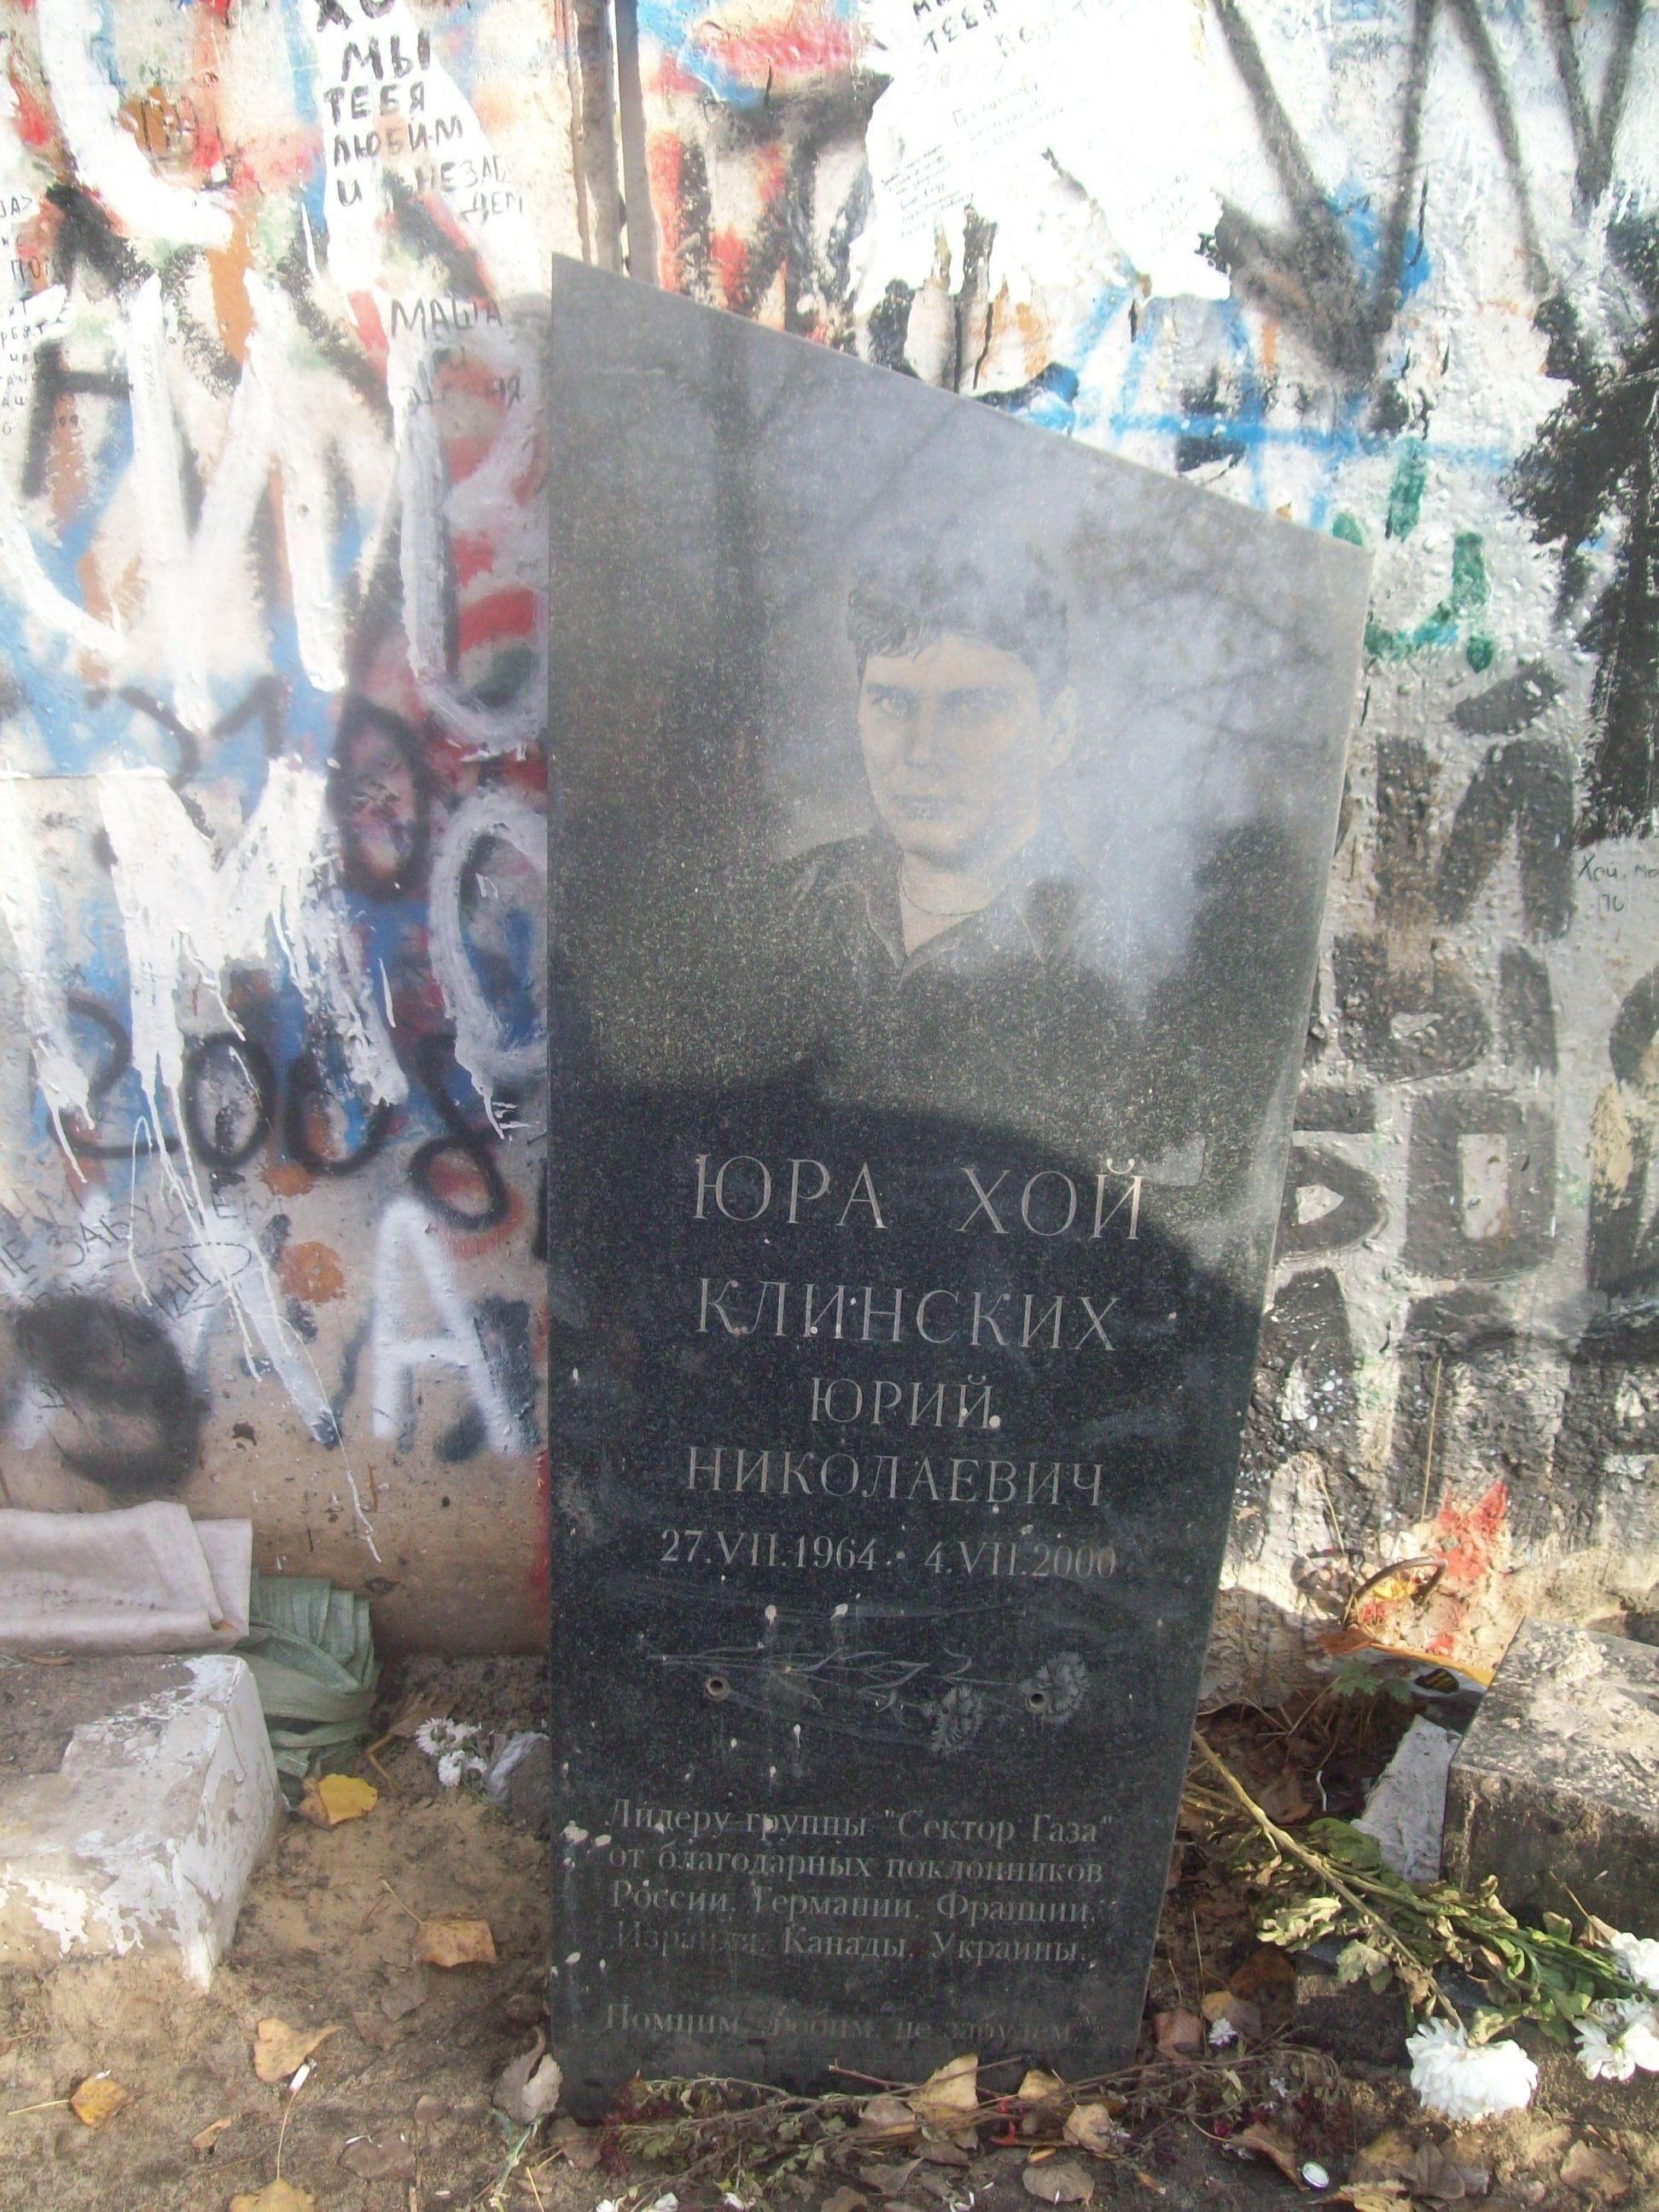 На кладбище у могилы Хоя (Сектор Газа) - первая фотография